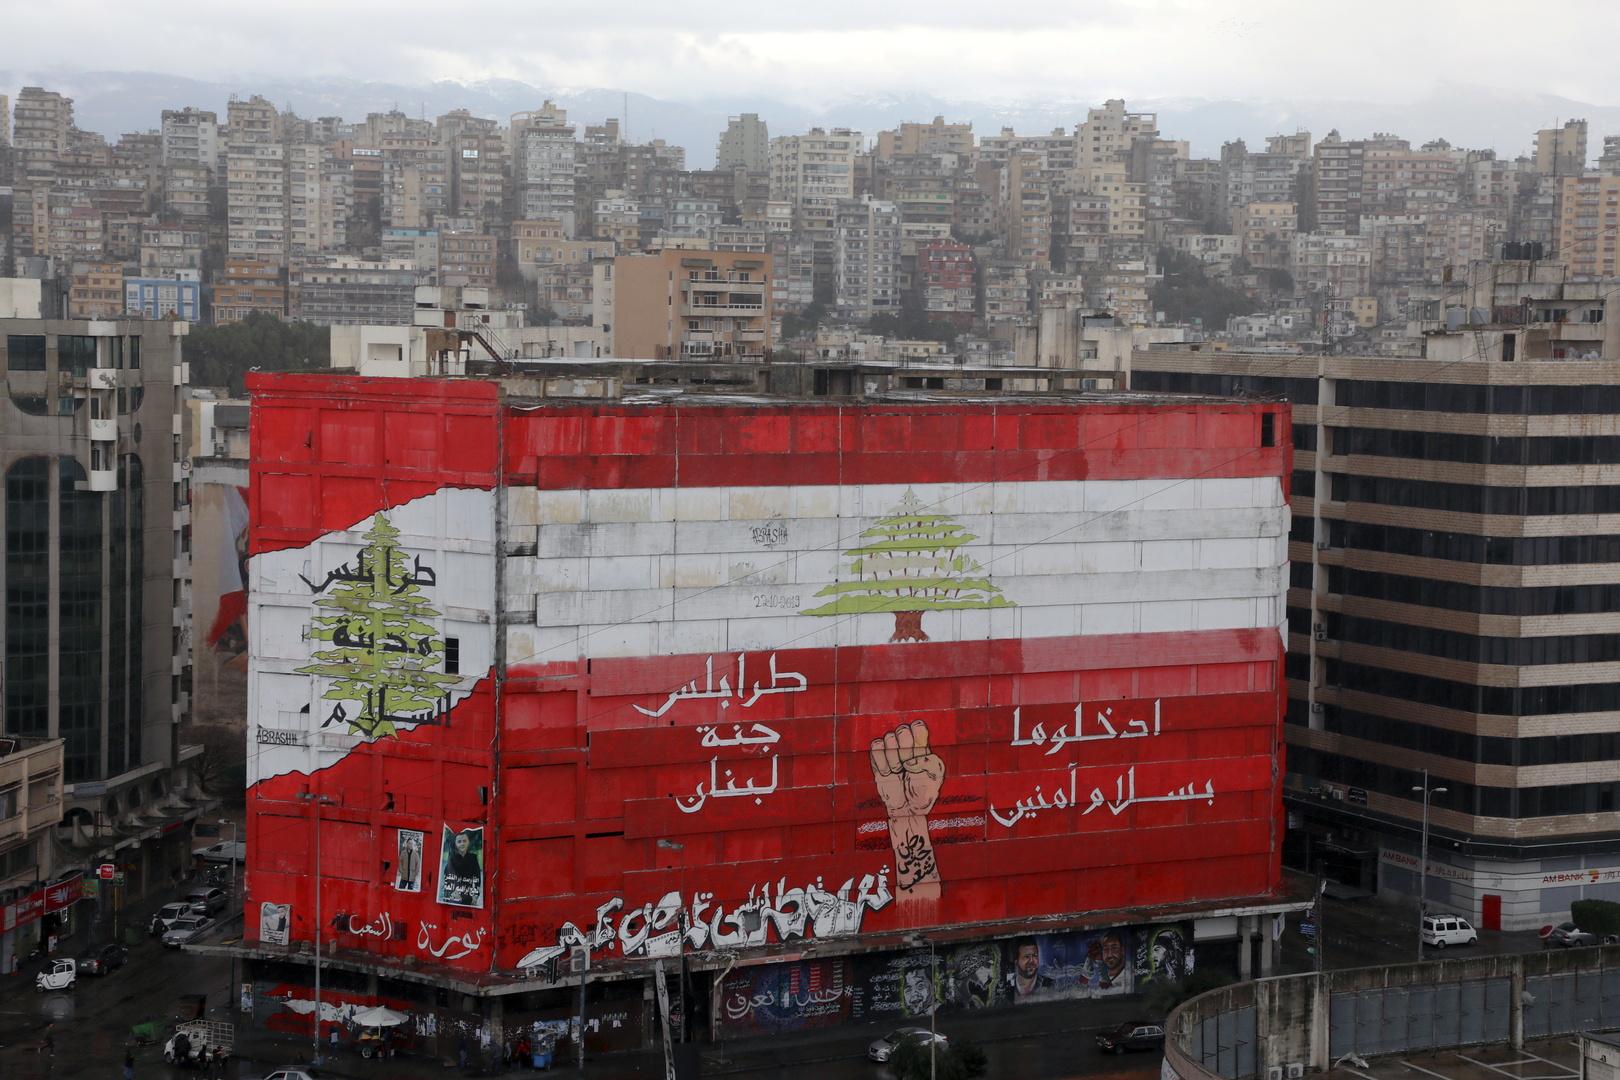 ساحة مدينة طرابلس اللبنانية